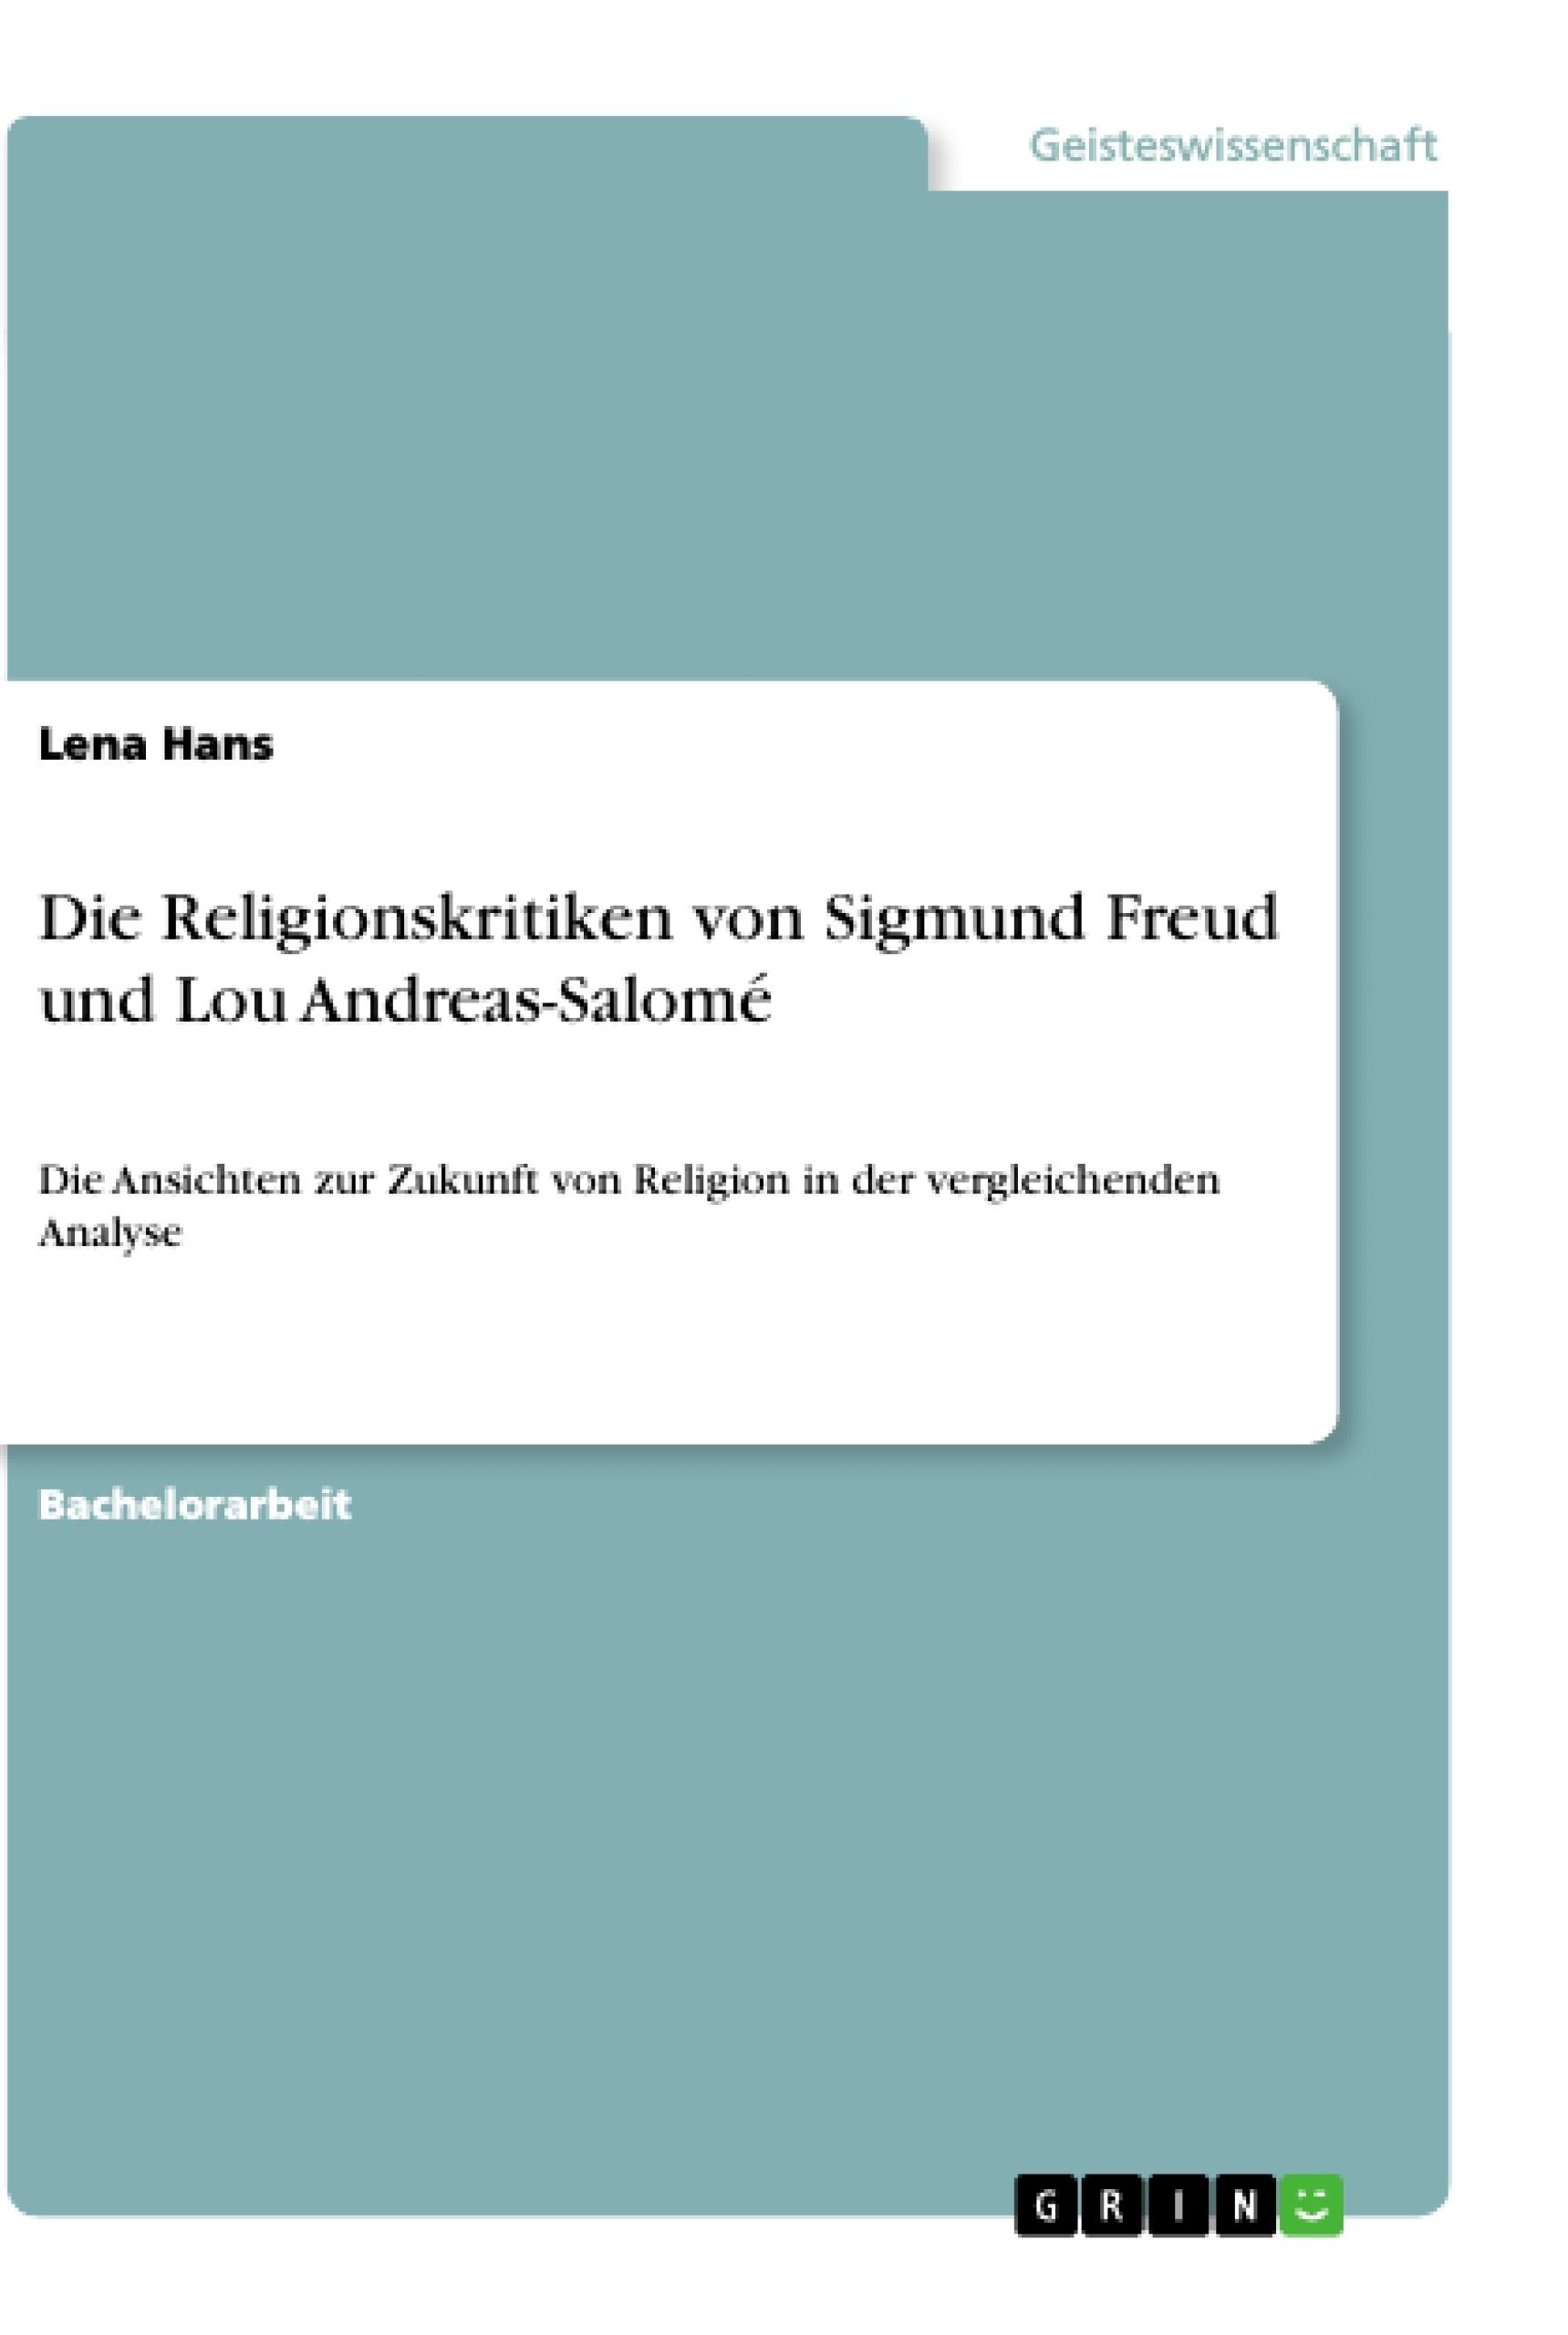 Titel: Die Religionskritiken von Sigmund Freud und Lou Andreas-Salomé